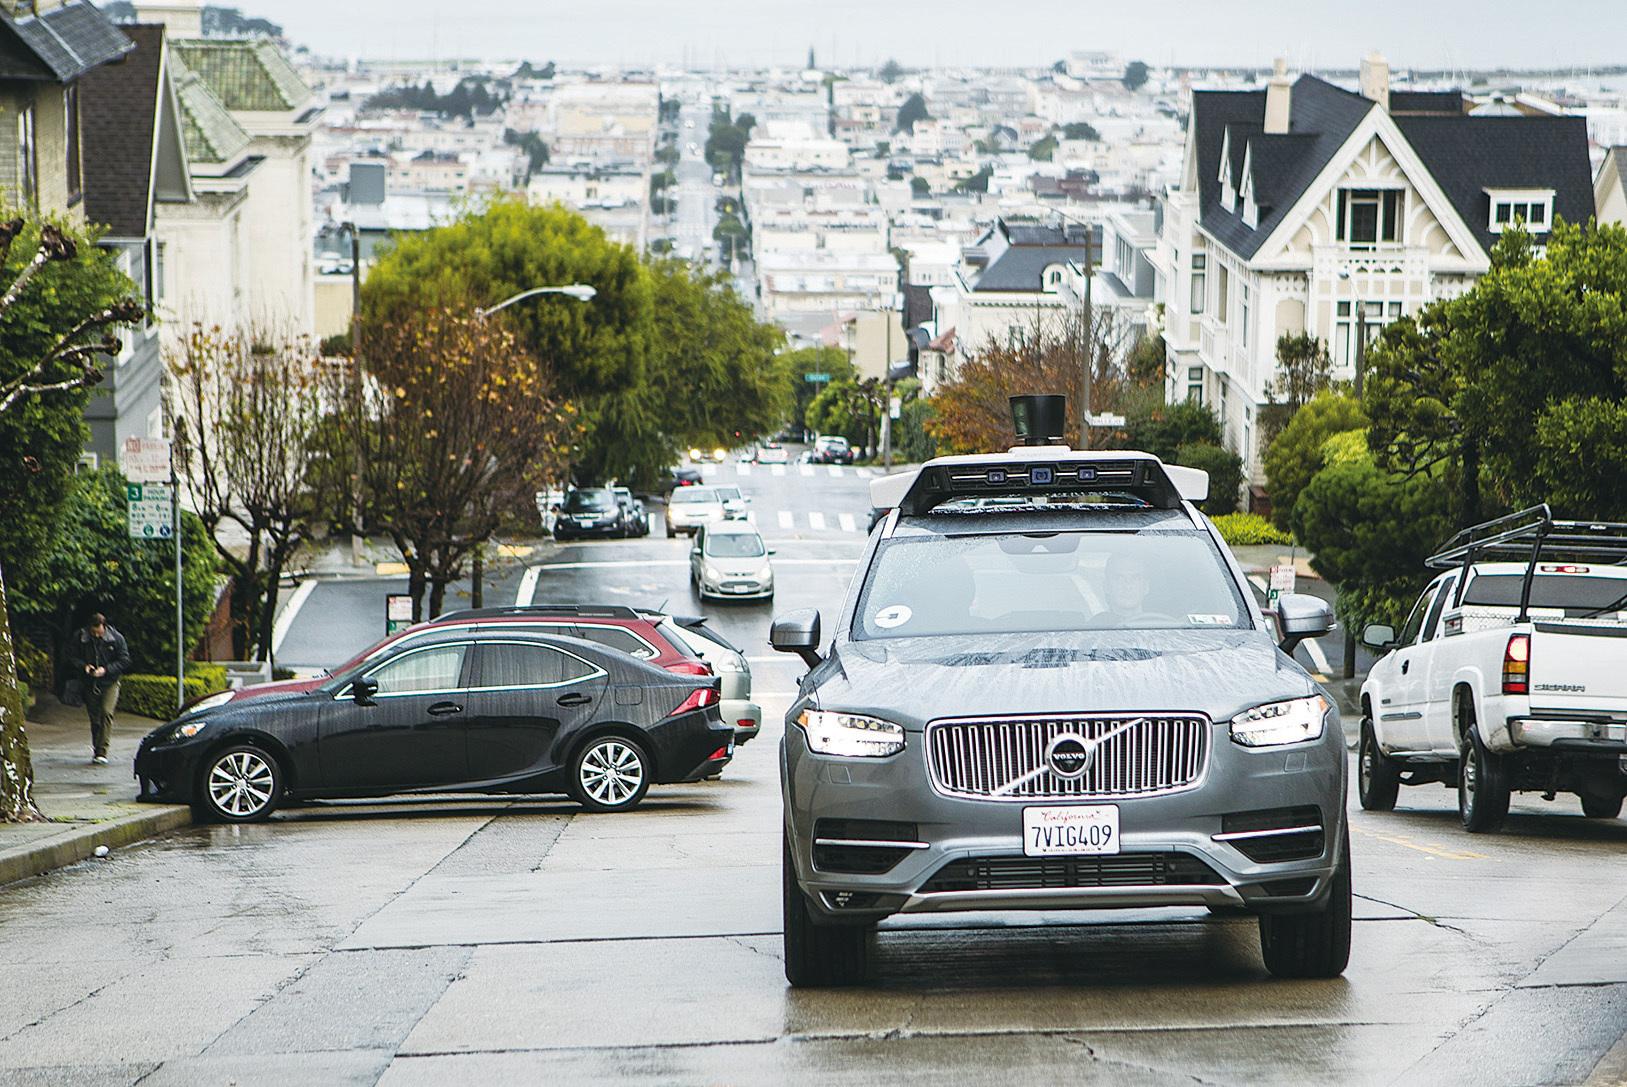 自駕車出事 Uber暫停公路測試